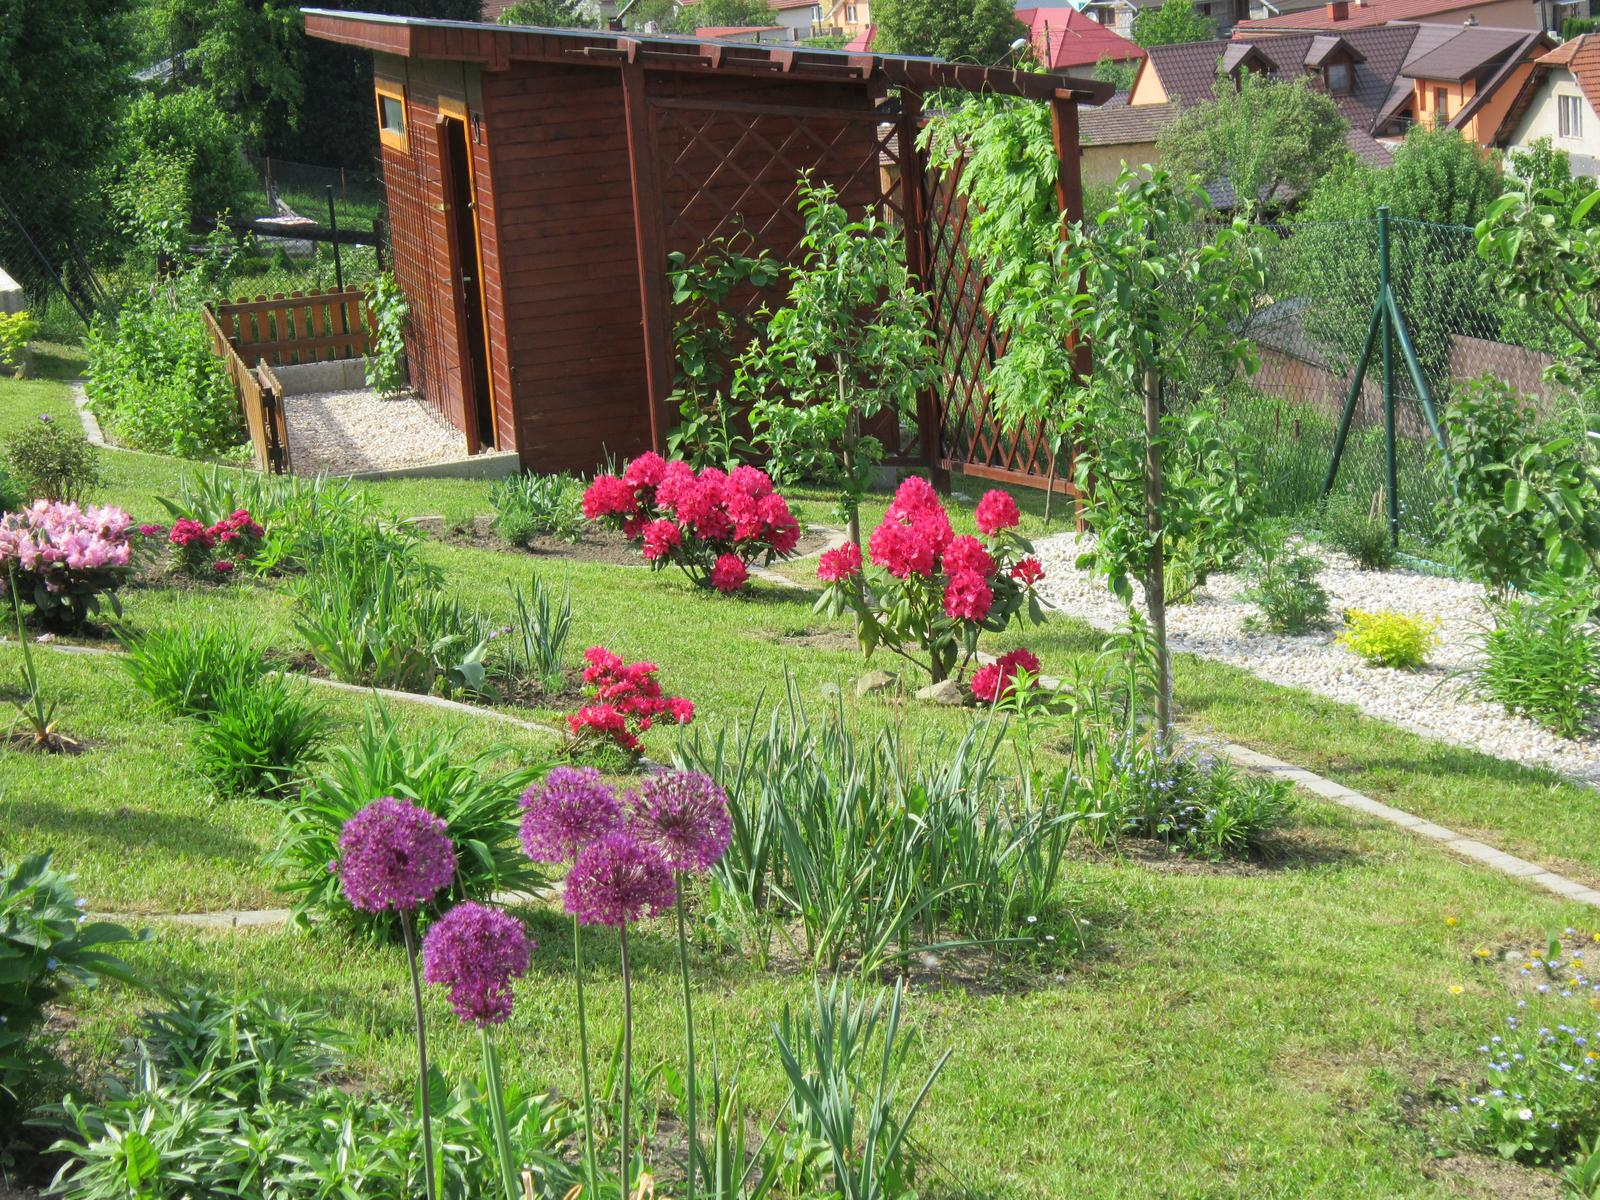 Moja záhrada...ako šiel čas - Náš záhradný domček...